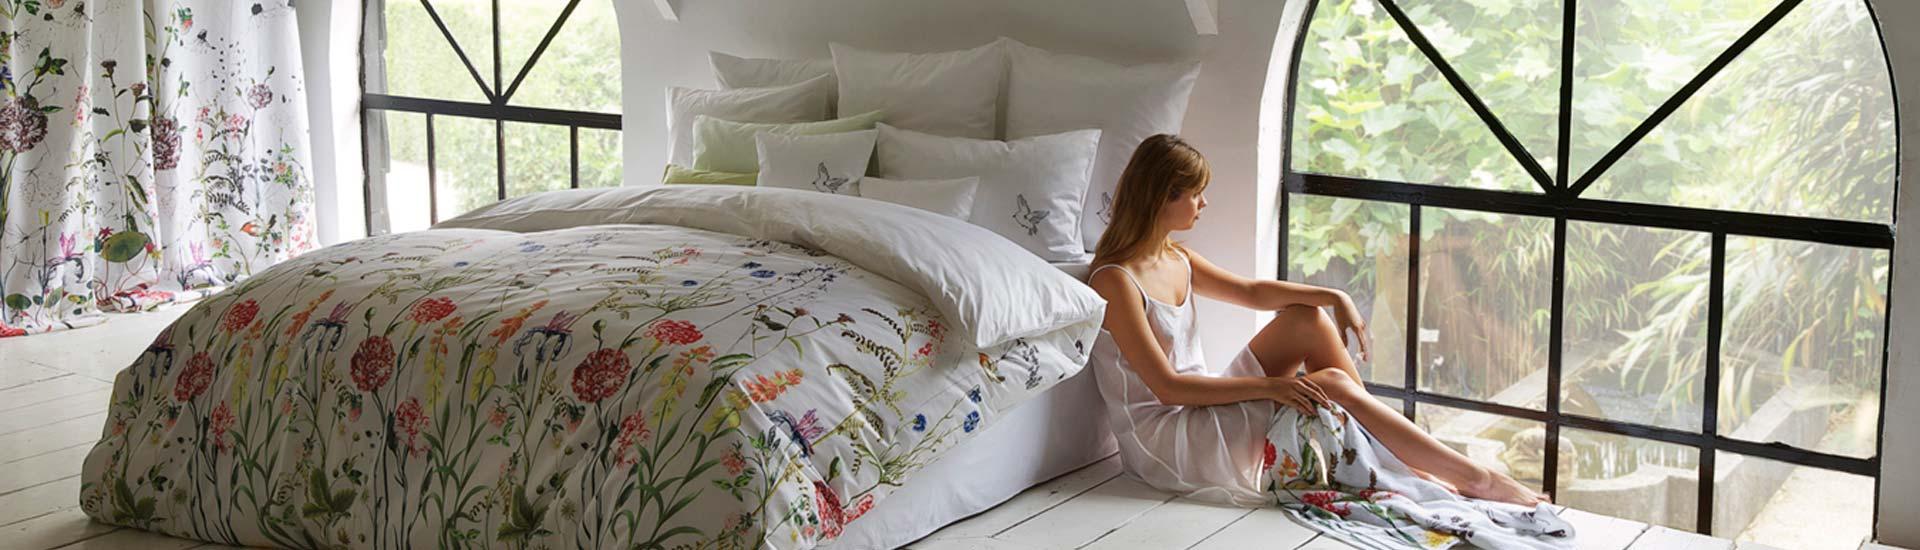 schlafzimmer-s2